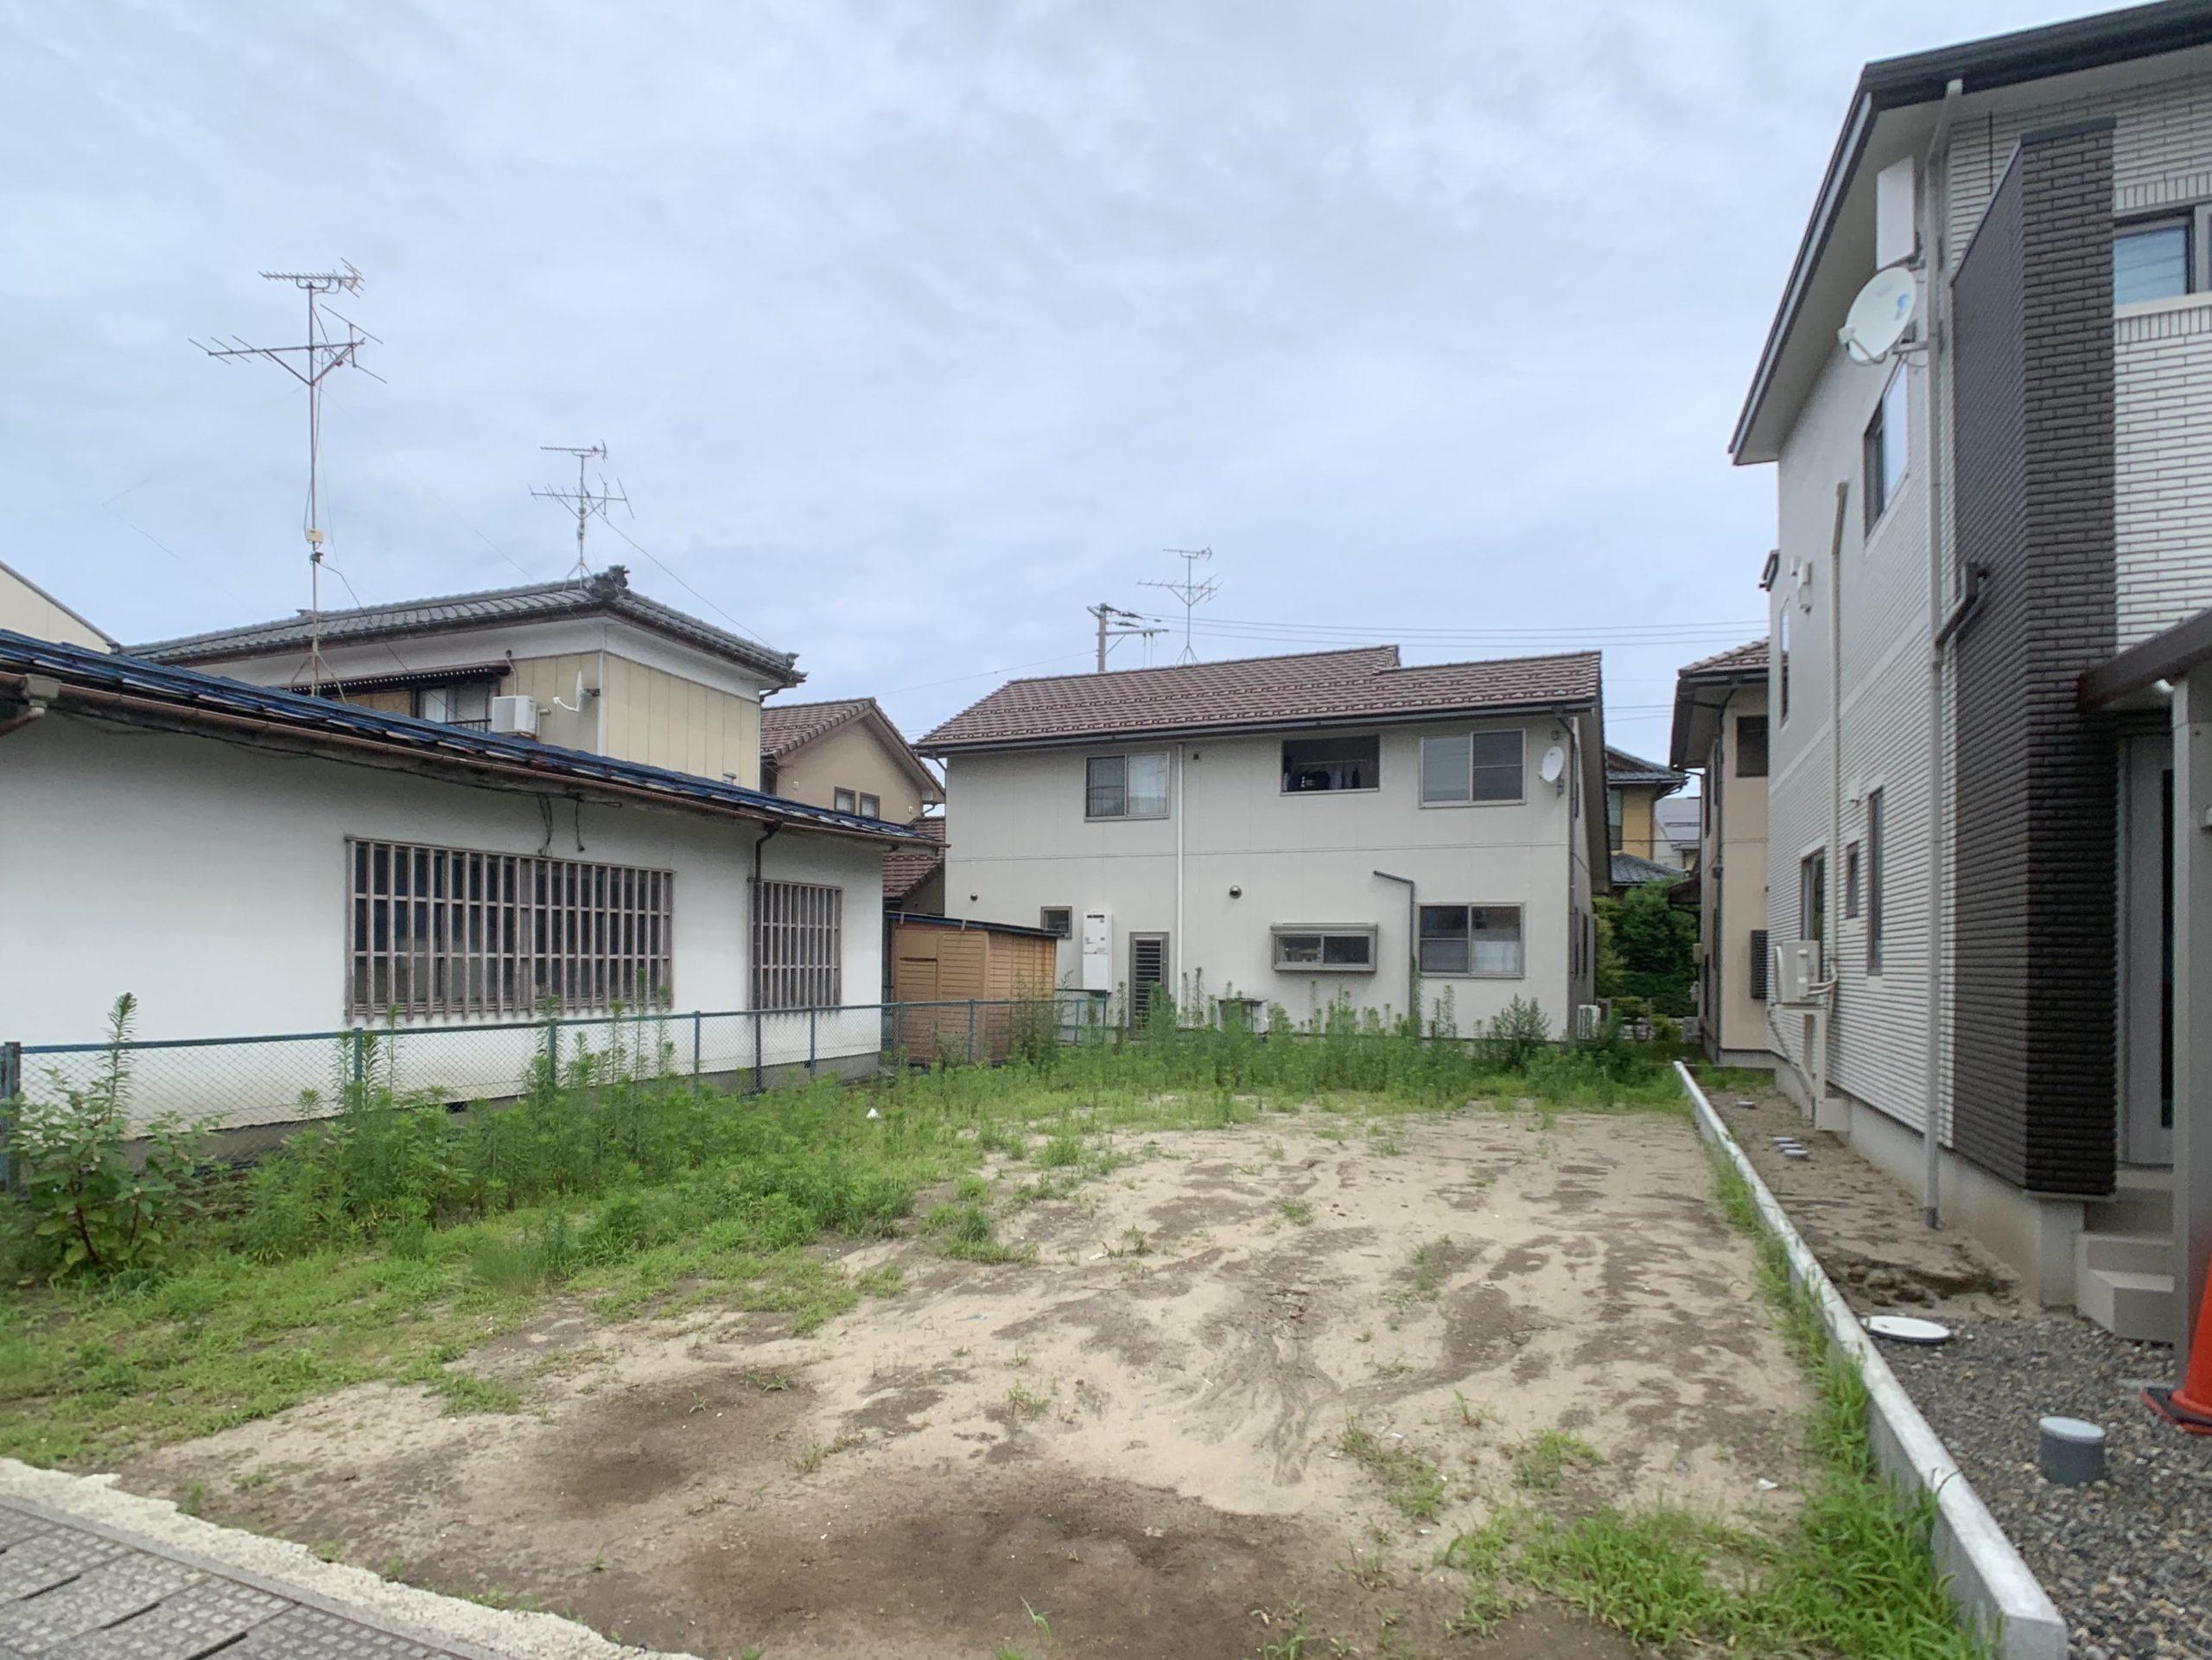 東區牡丹山3丁目 売地 | 株式會社No Town(ノータウン)新潟の不動産・売買・賃貸